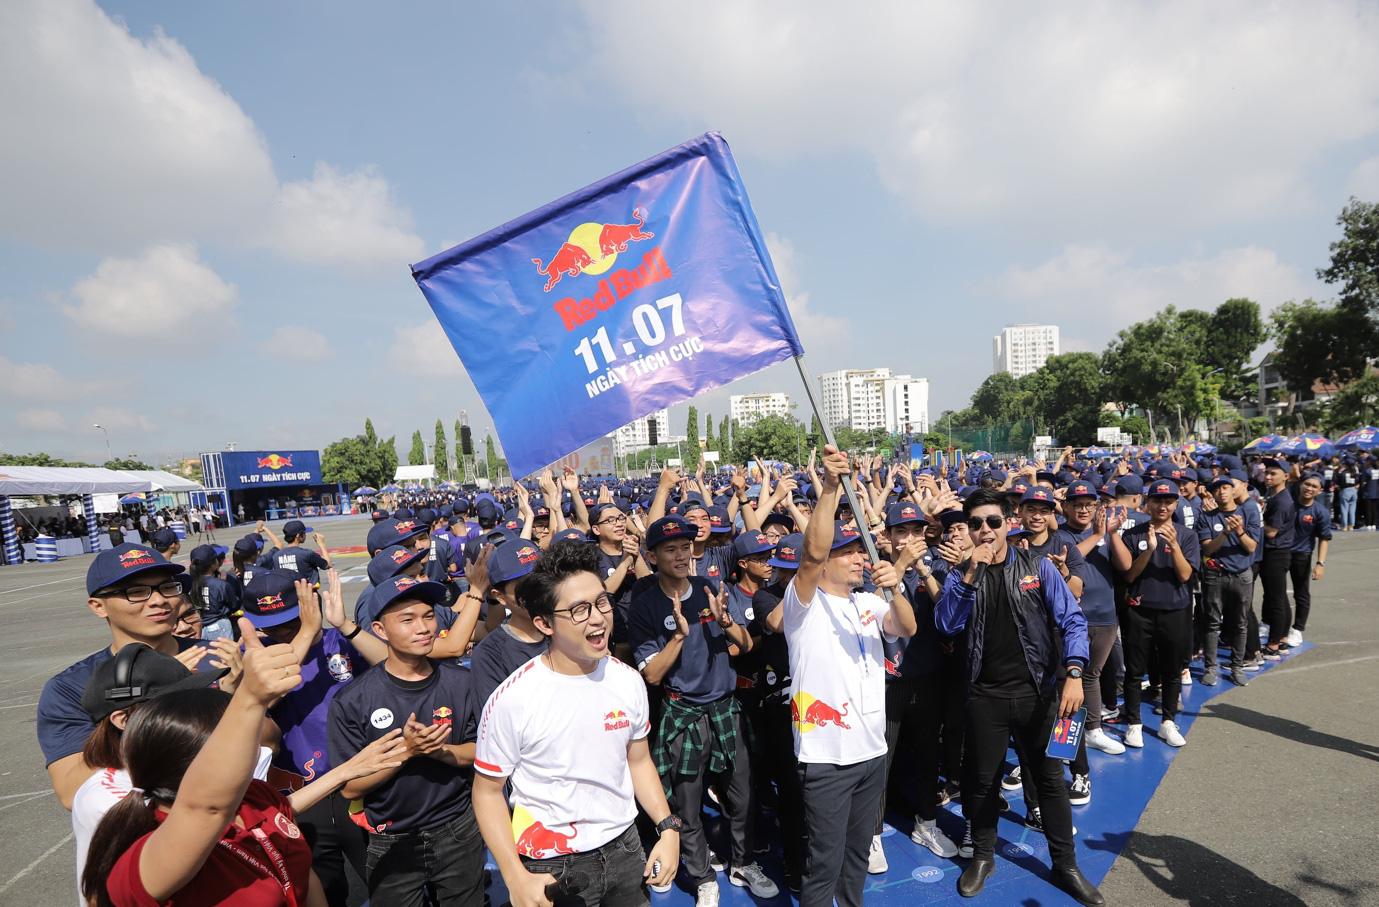 Red Bull tạo dấu ấn với Ngày Tích Cực, xác lập kỷ lục châu Á để lan tỏa năng lượng tích cực khắp Việt Nam - Ảnh 3.